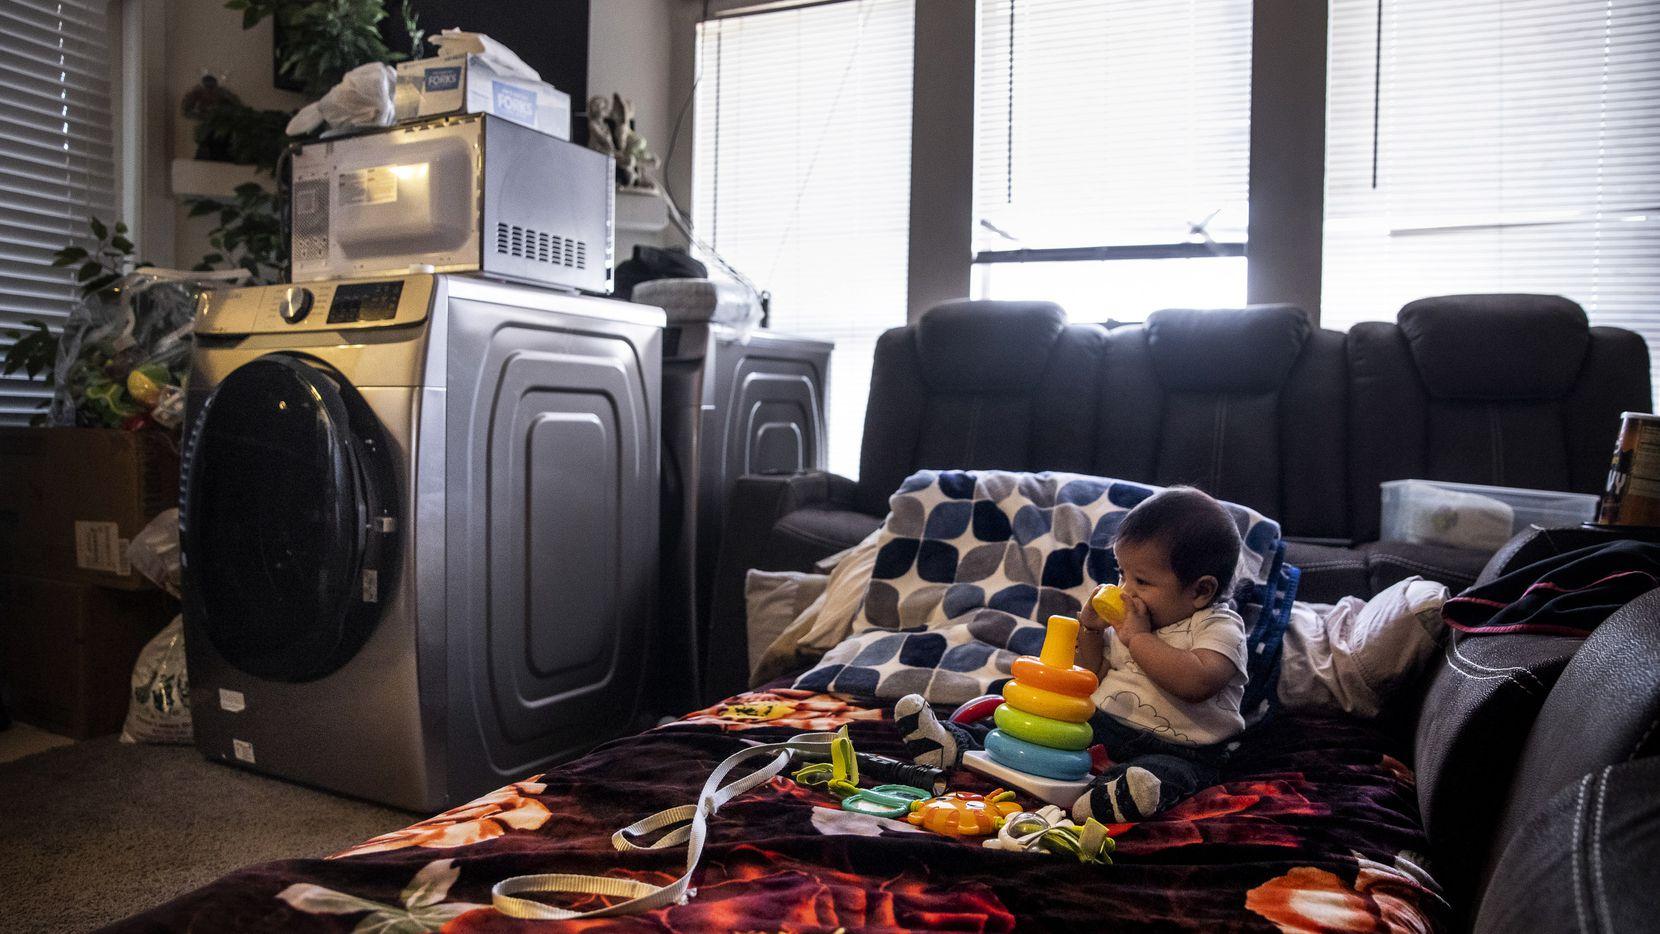 Juan González Jr, juega con sus juguetes en la sala de su apartamento que su madre improvisó como dormitorio en el complejo Everly Apartmens. El lugar ha sido afectado por daños causados por ruptura de tuberías y no han tenido agua en más de dos semanas.